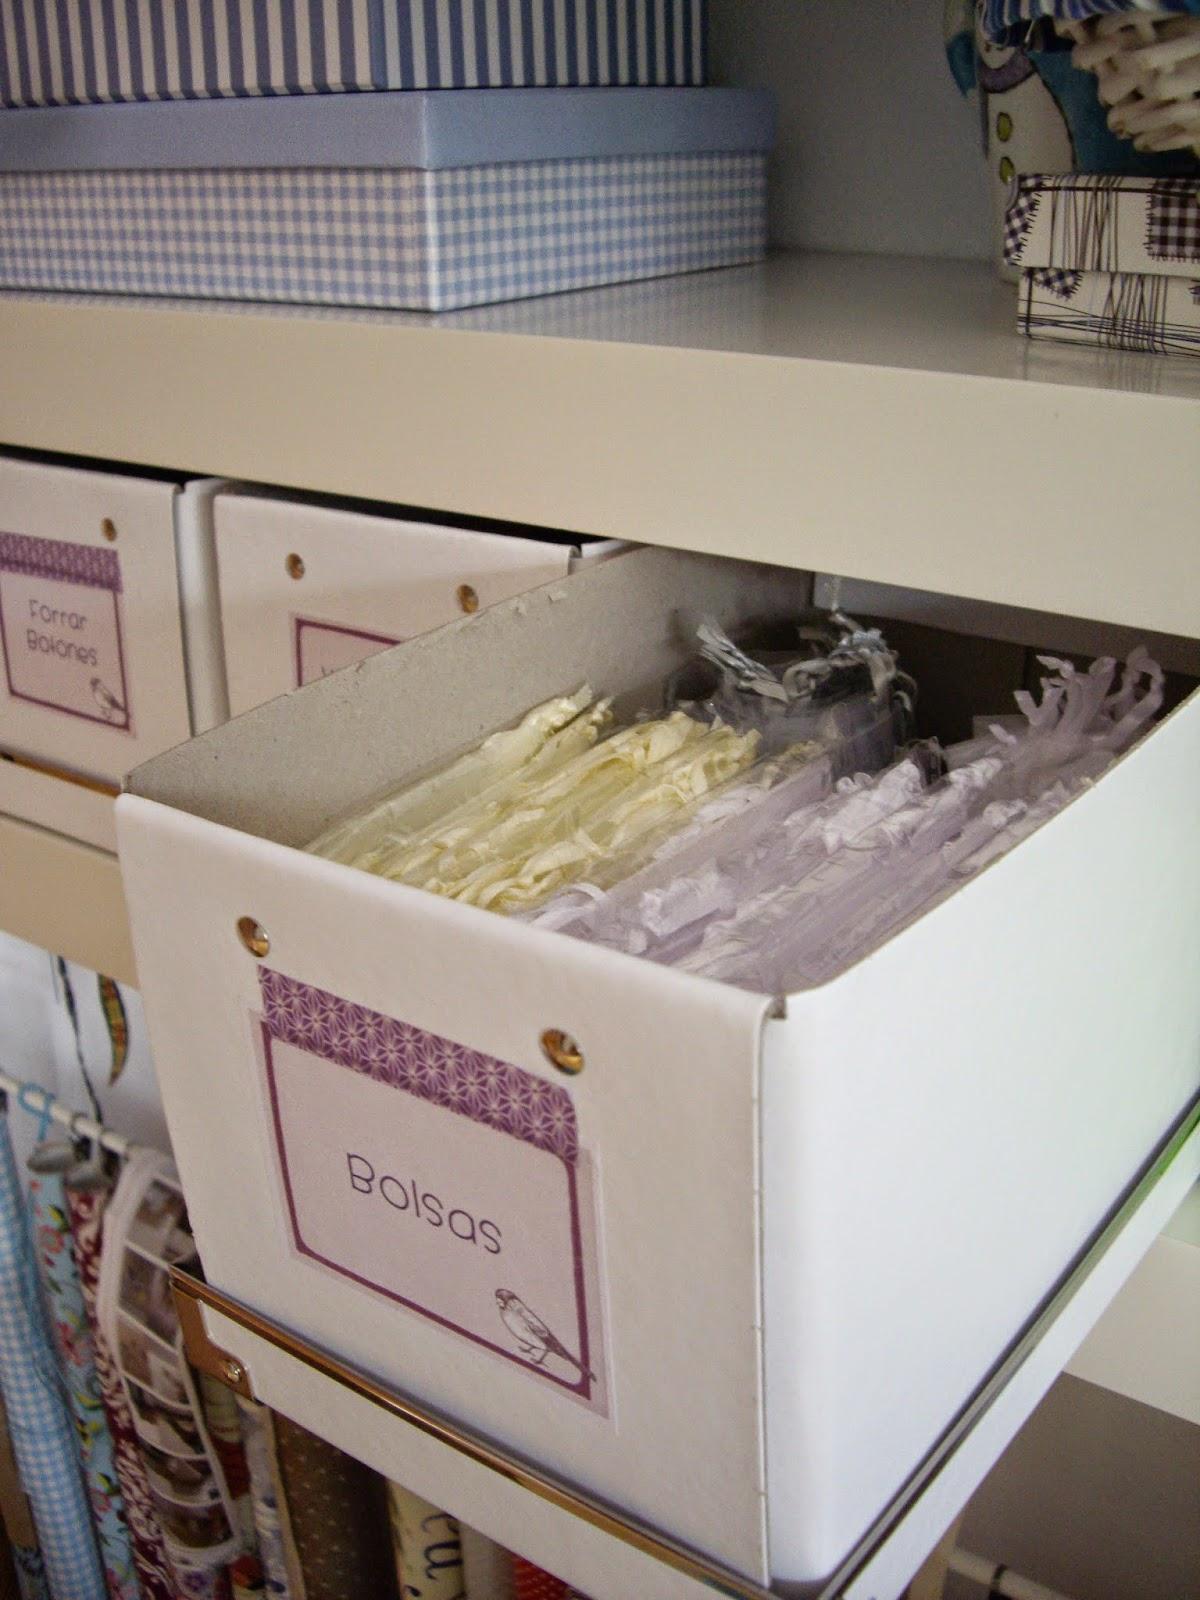 cajas ordenadas con sus etiquetas